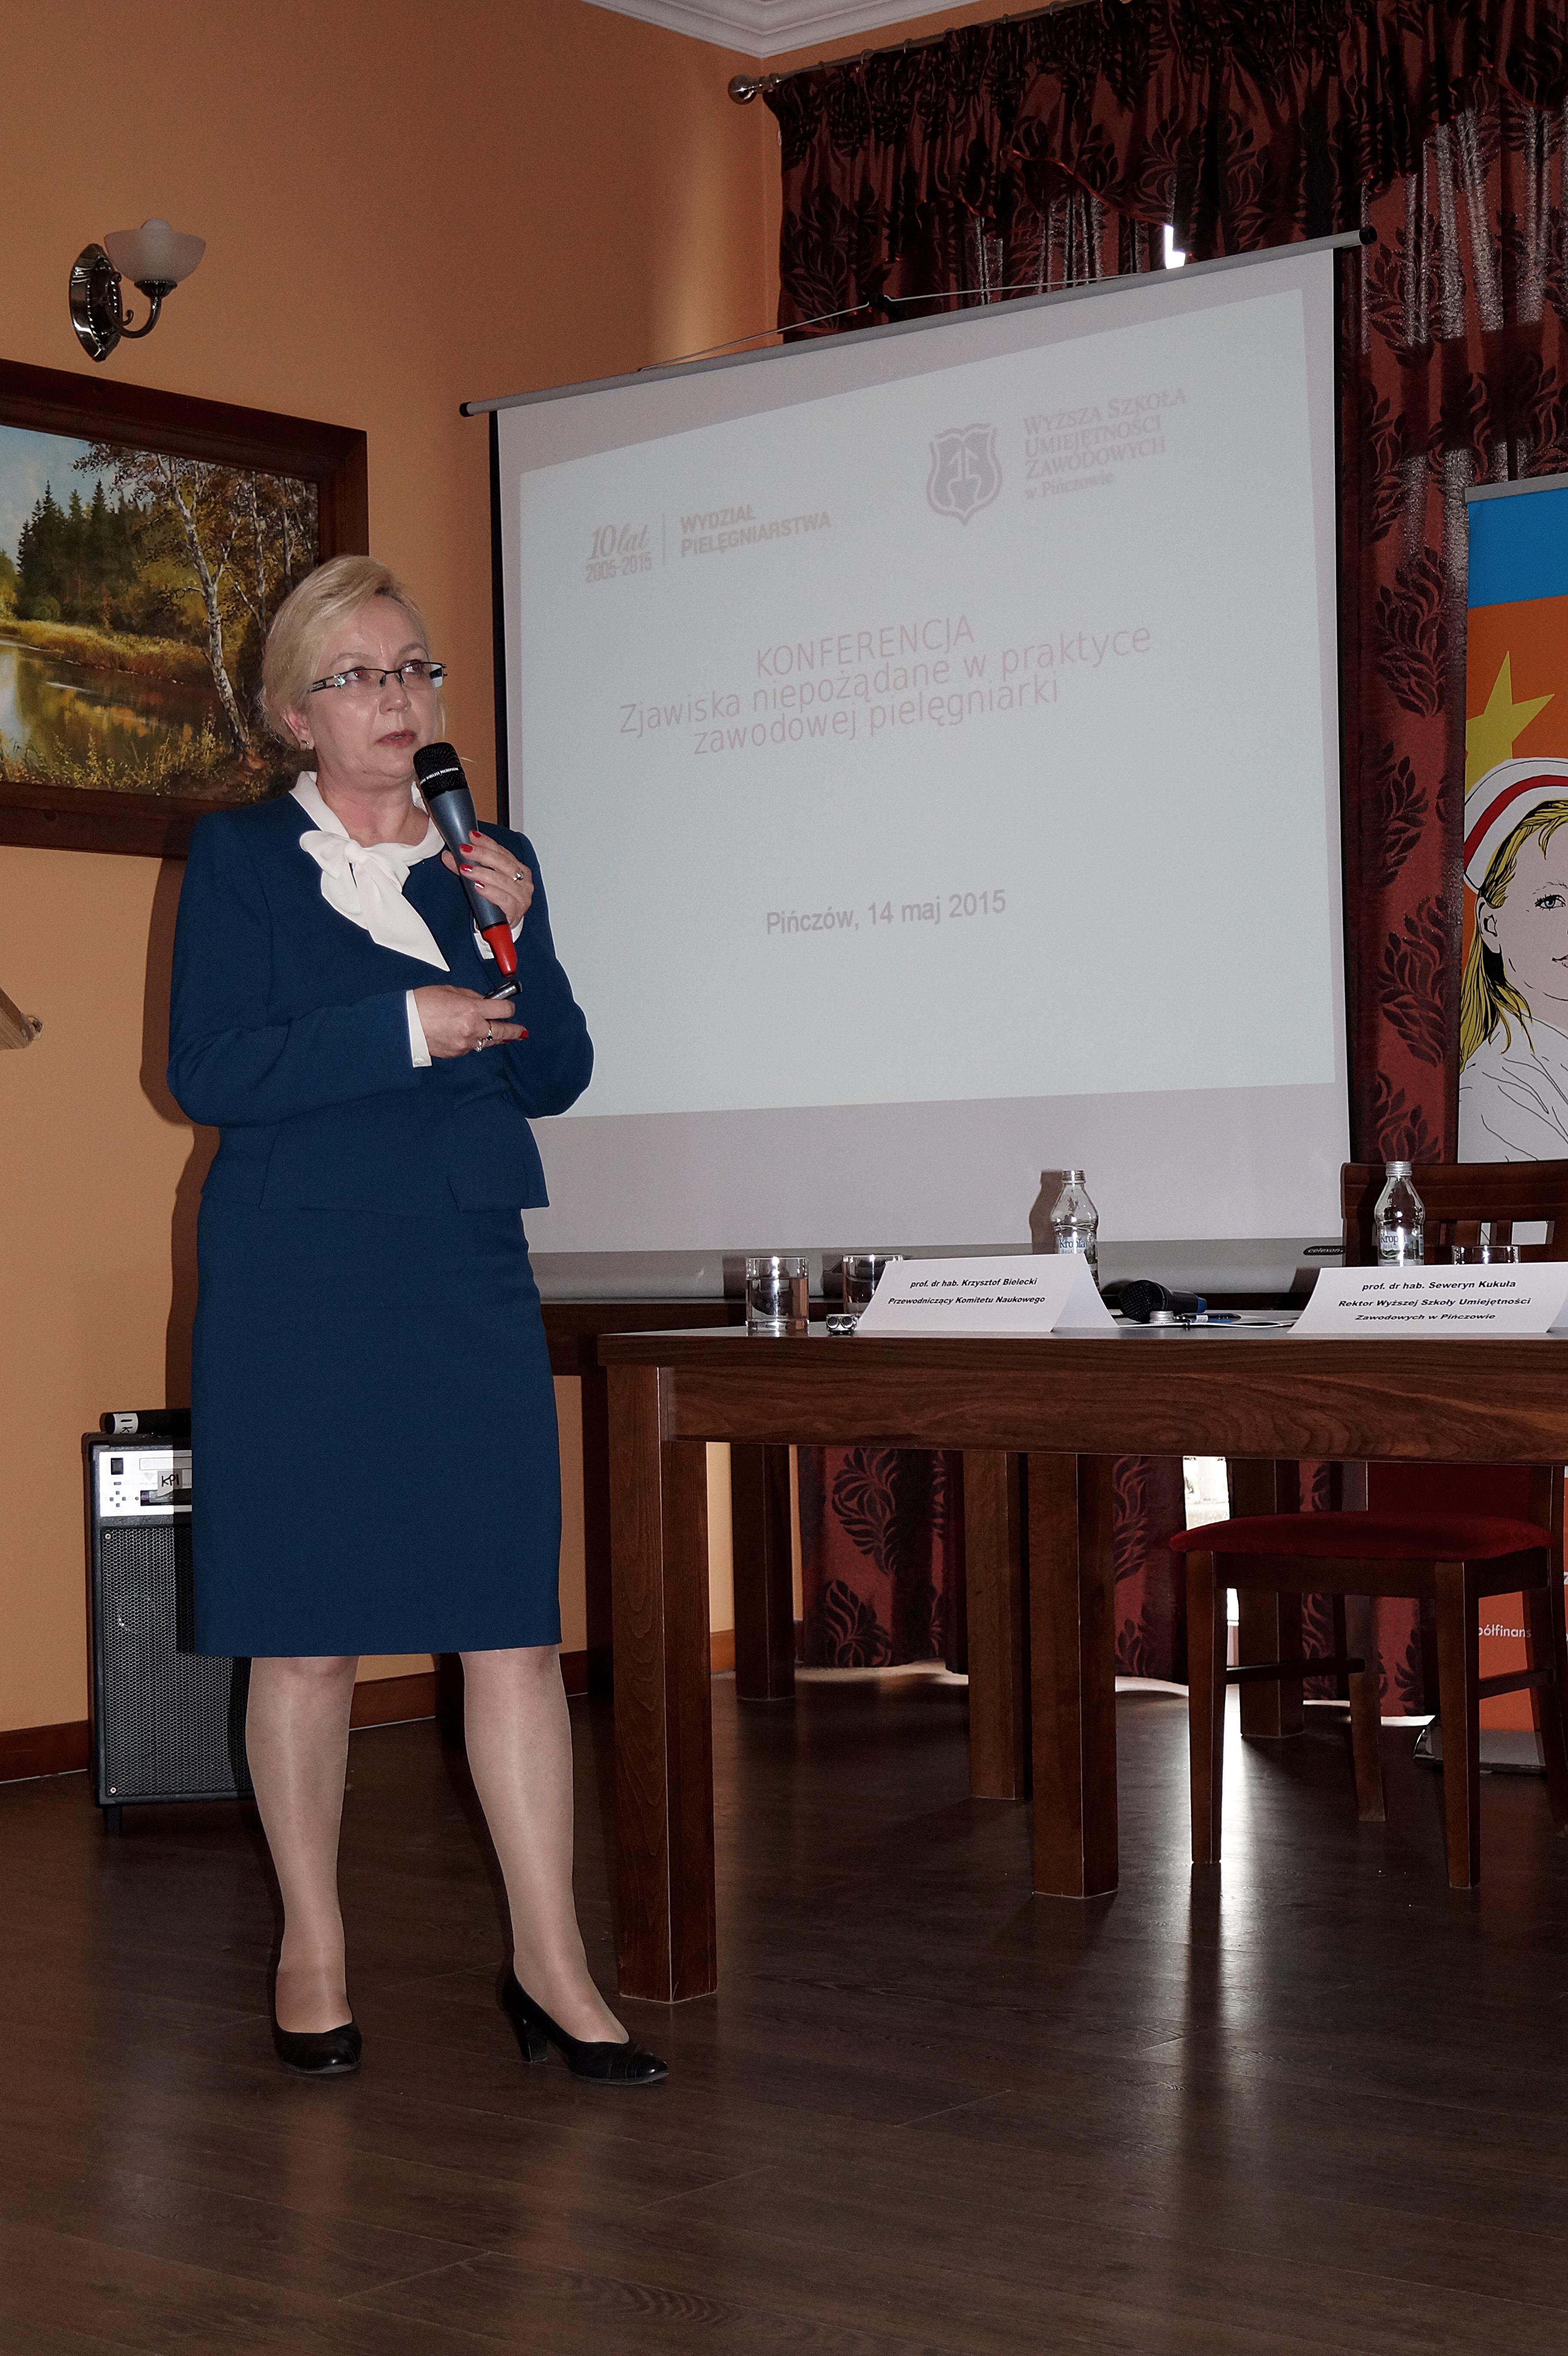 Dr n. med. Bogumiła Kowalaczyk-Sroka